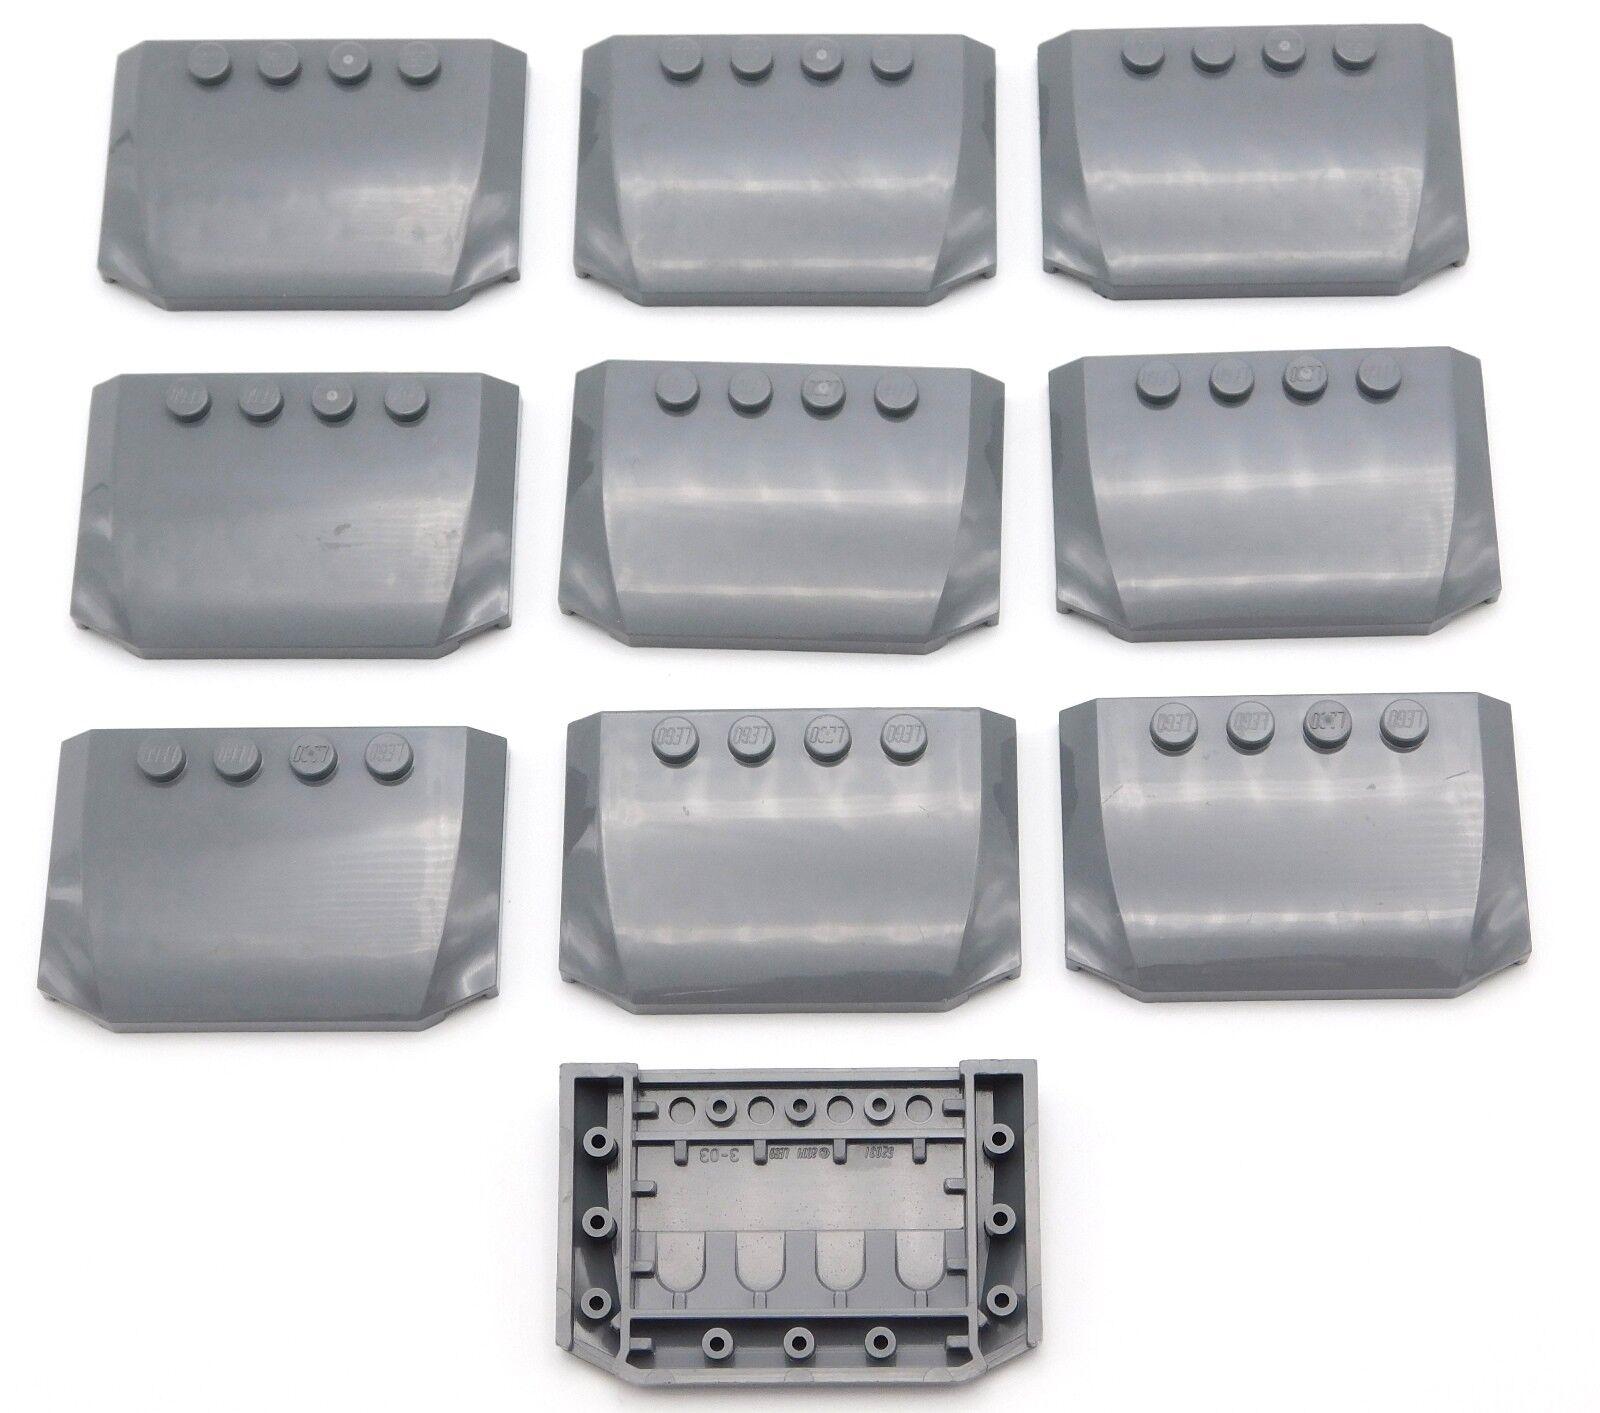 Lego Lot Of 10 4 Nuovo Dark Bluastro Grigio la Zeppa 4 10 x 6 x 2 3 Triplo Curvo 9e1829